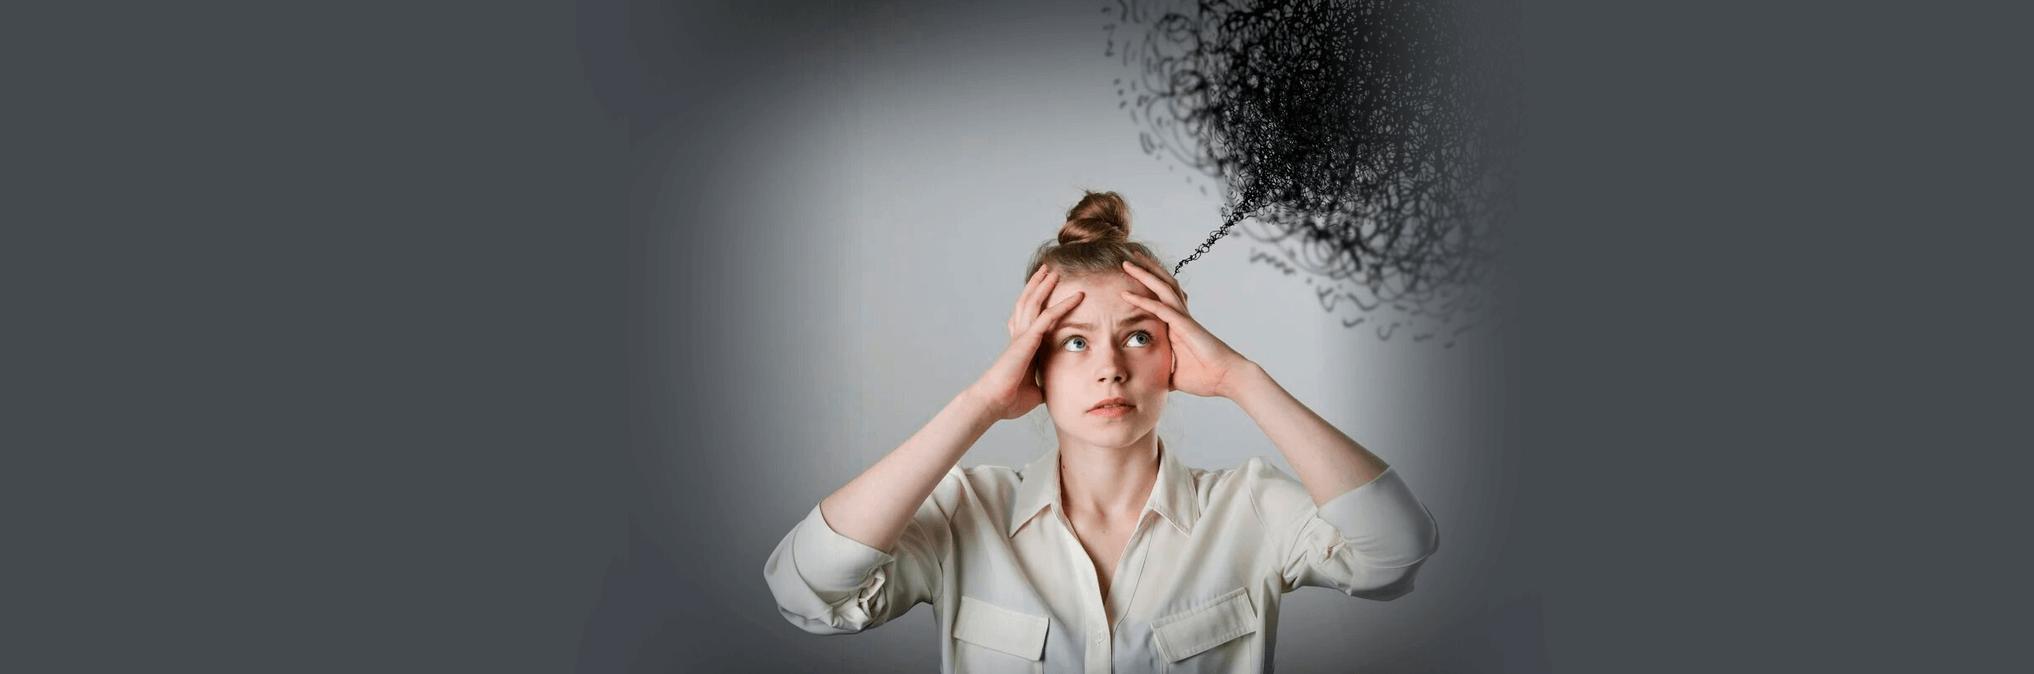 Ограничивающие убеждения в голове. Формирование и влияние